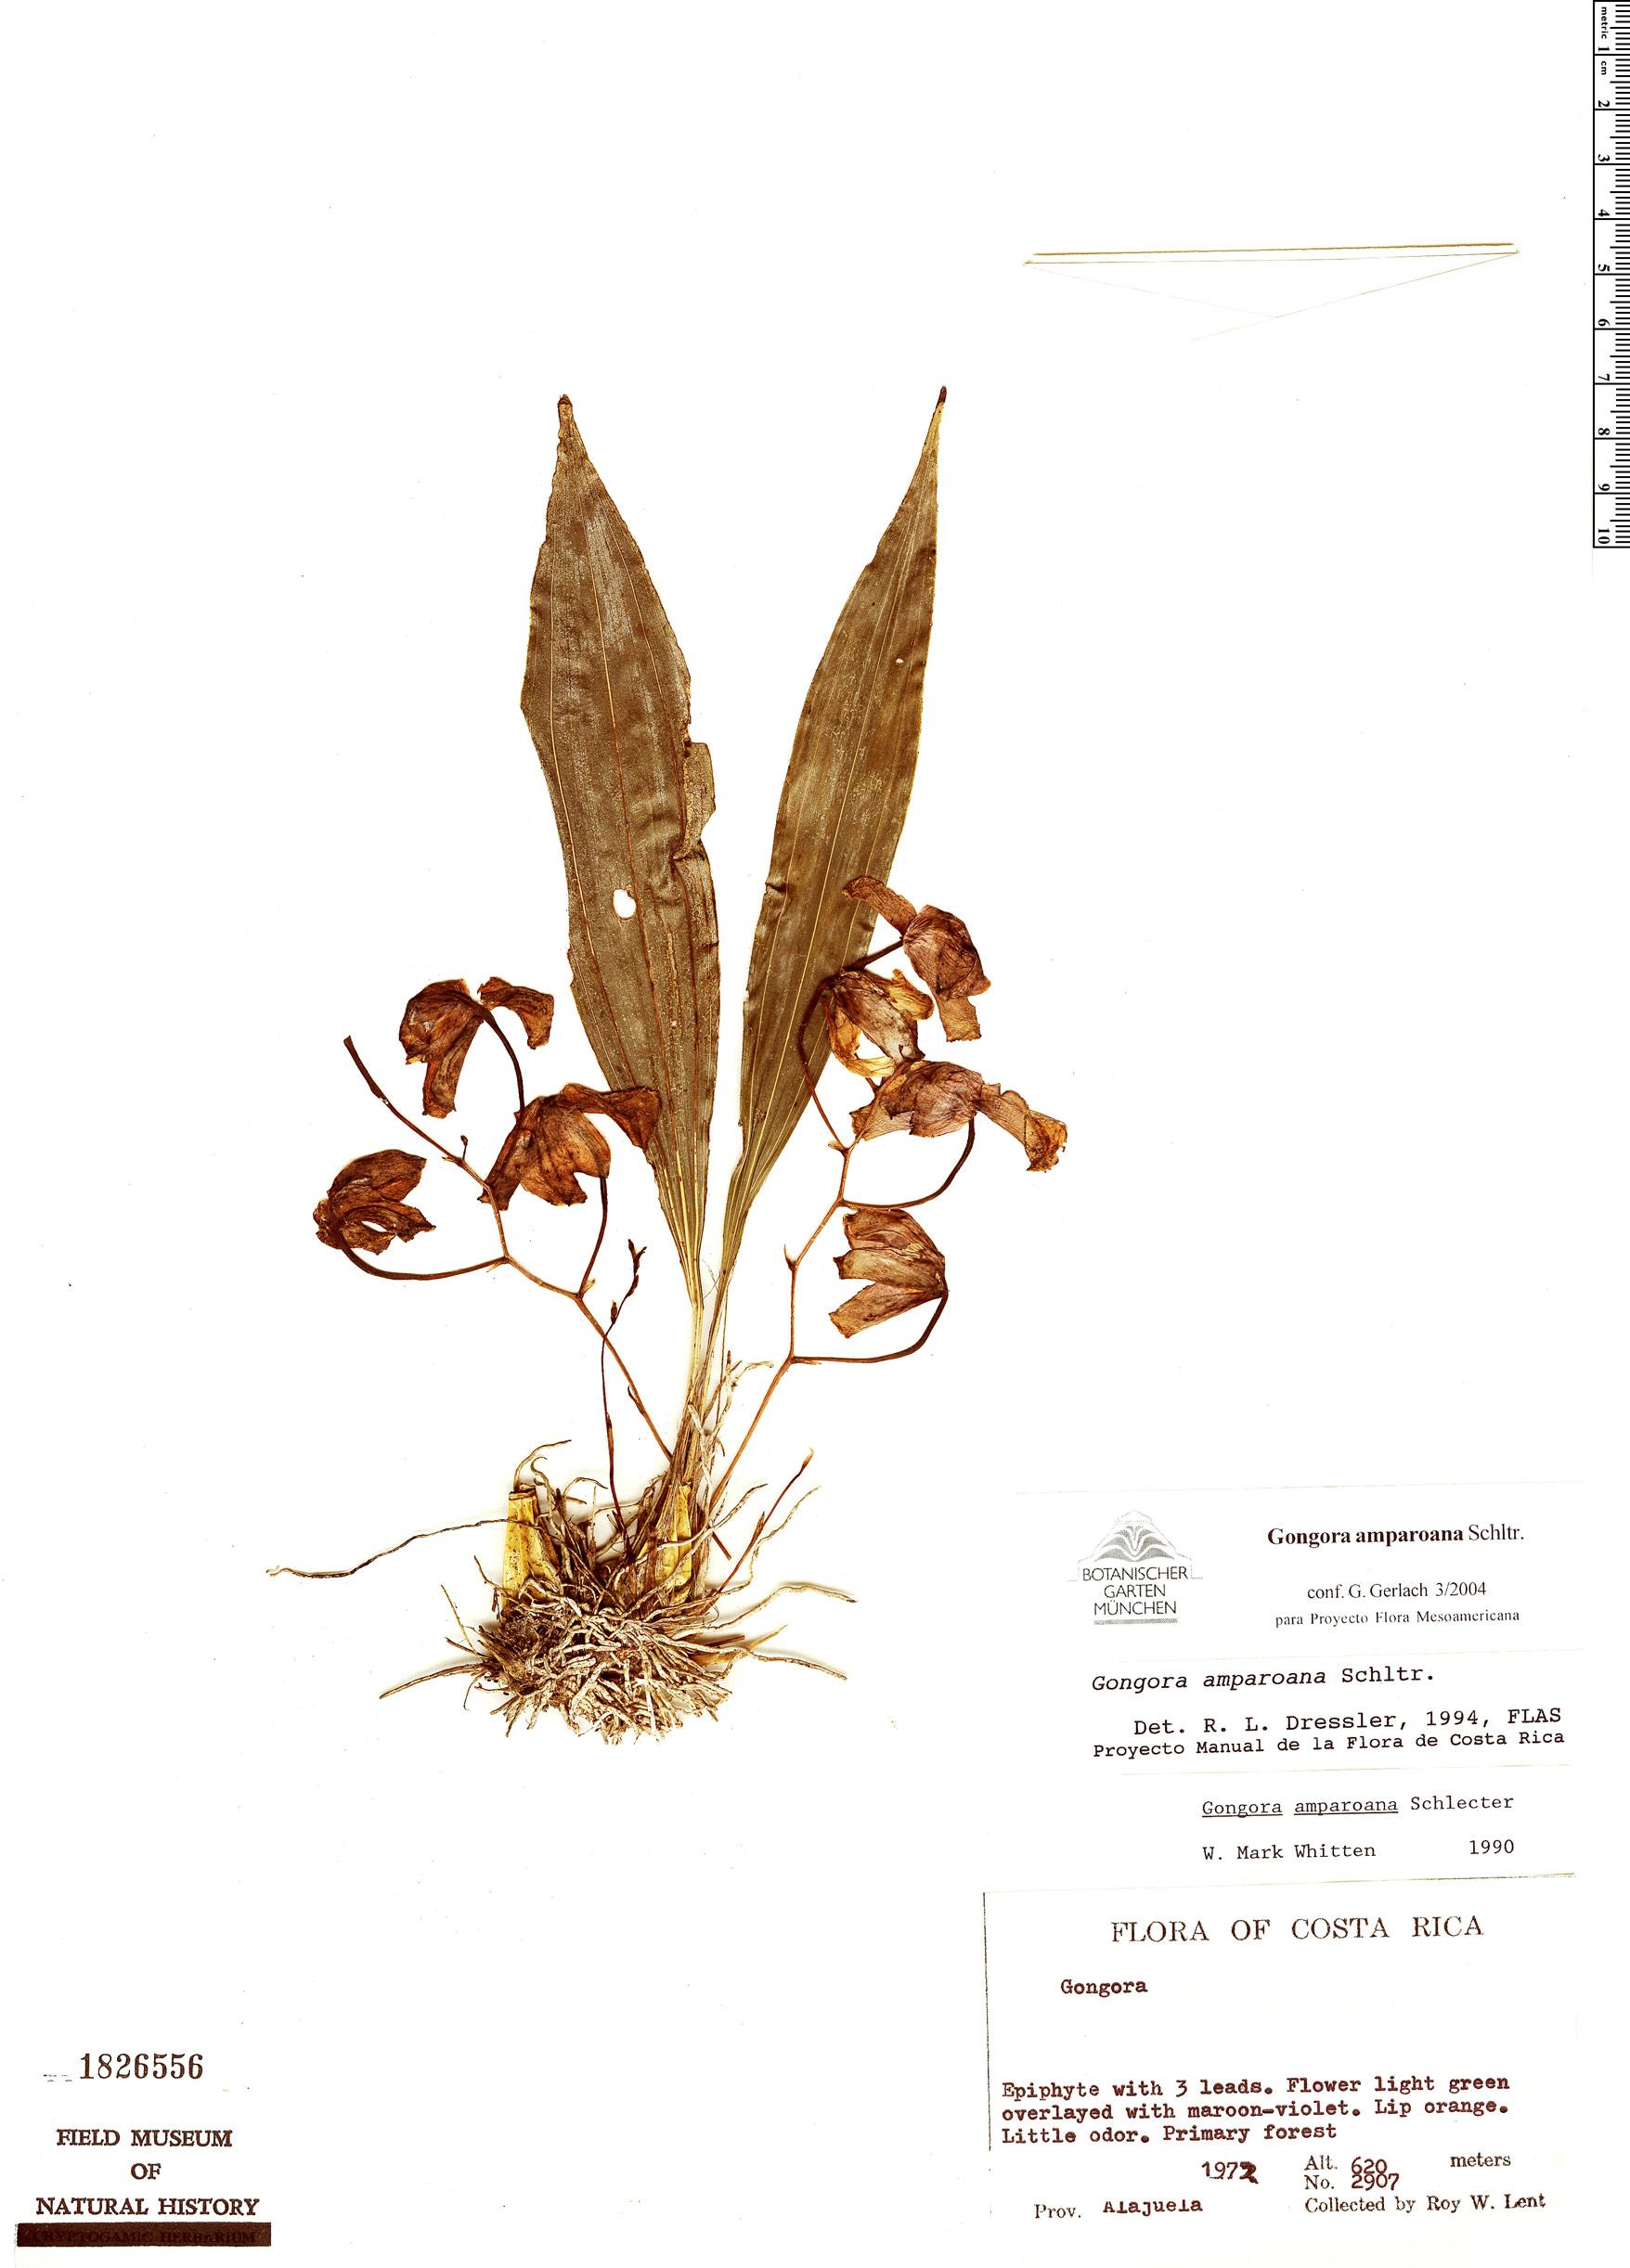 Specimen: Gongora amparoana